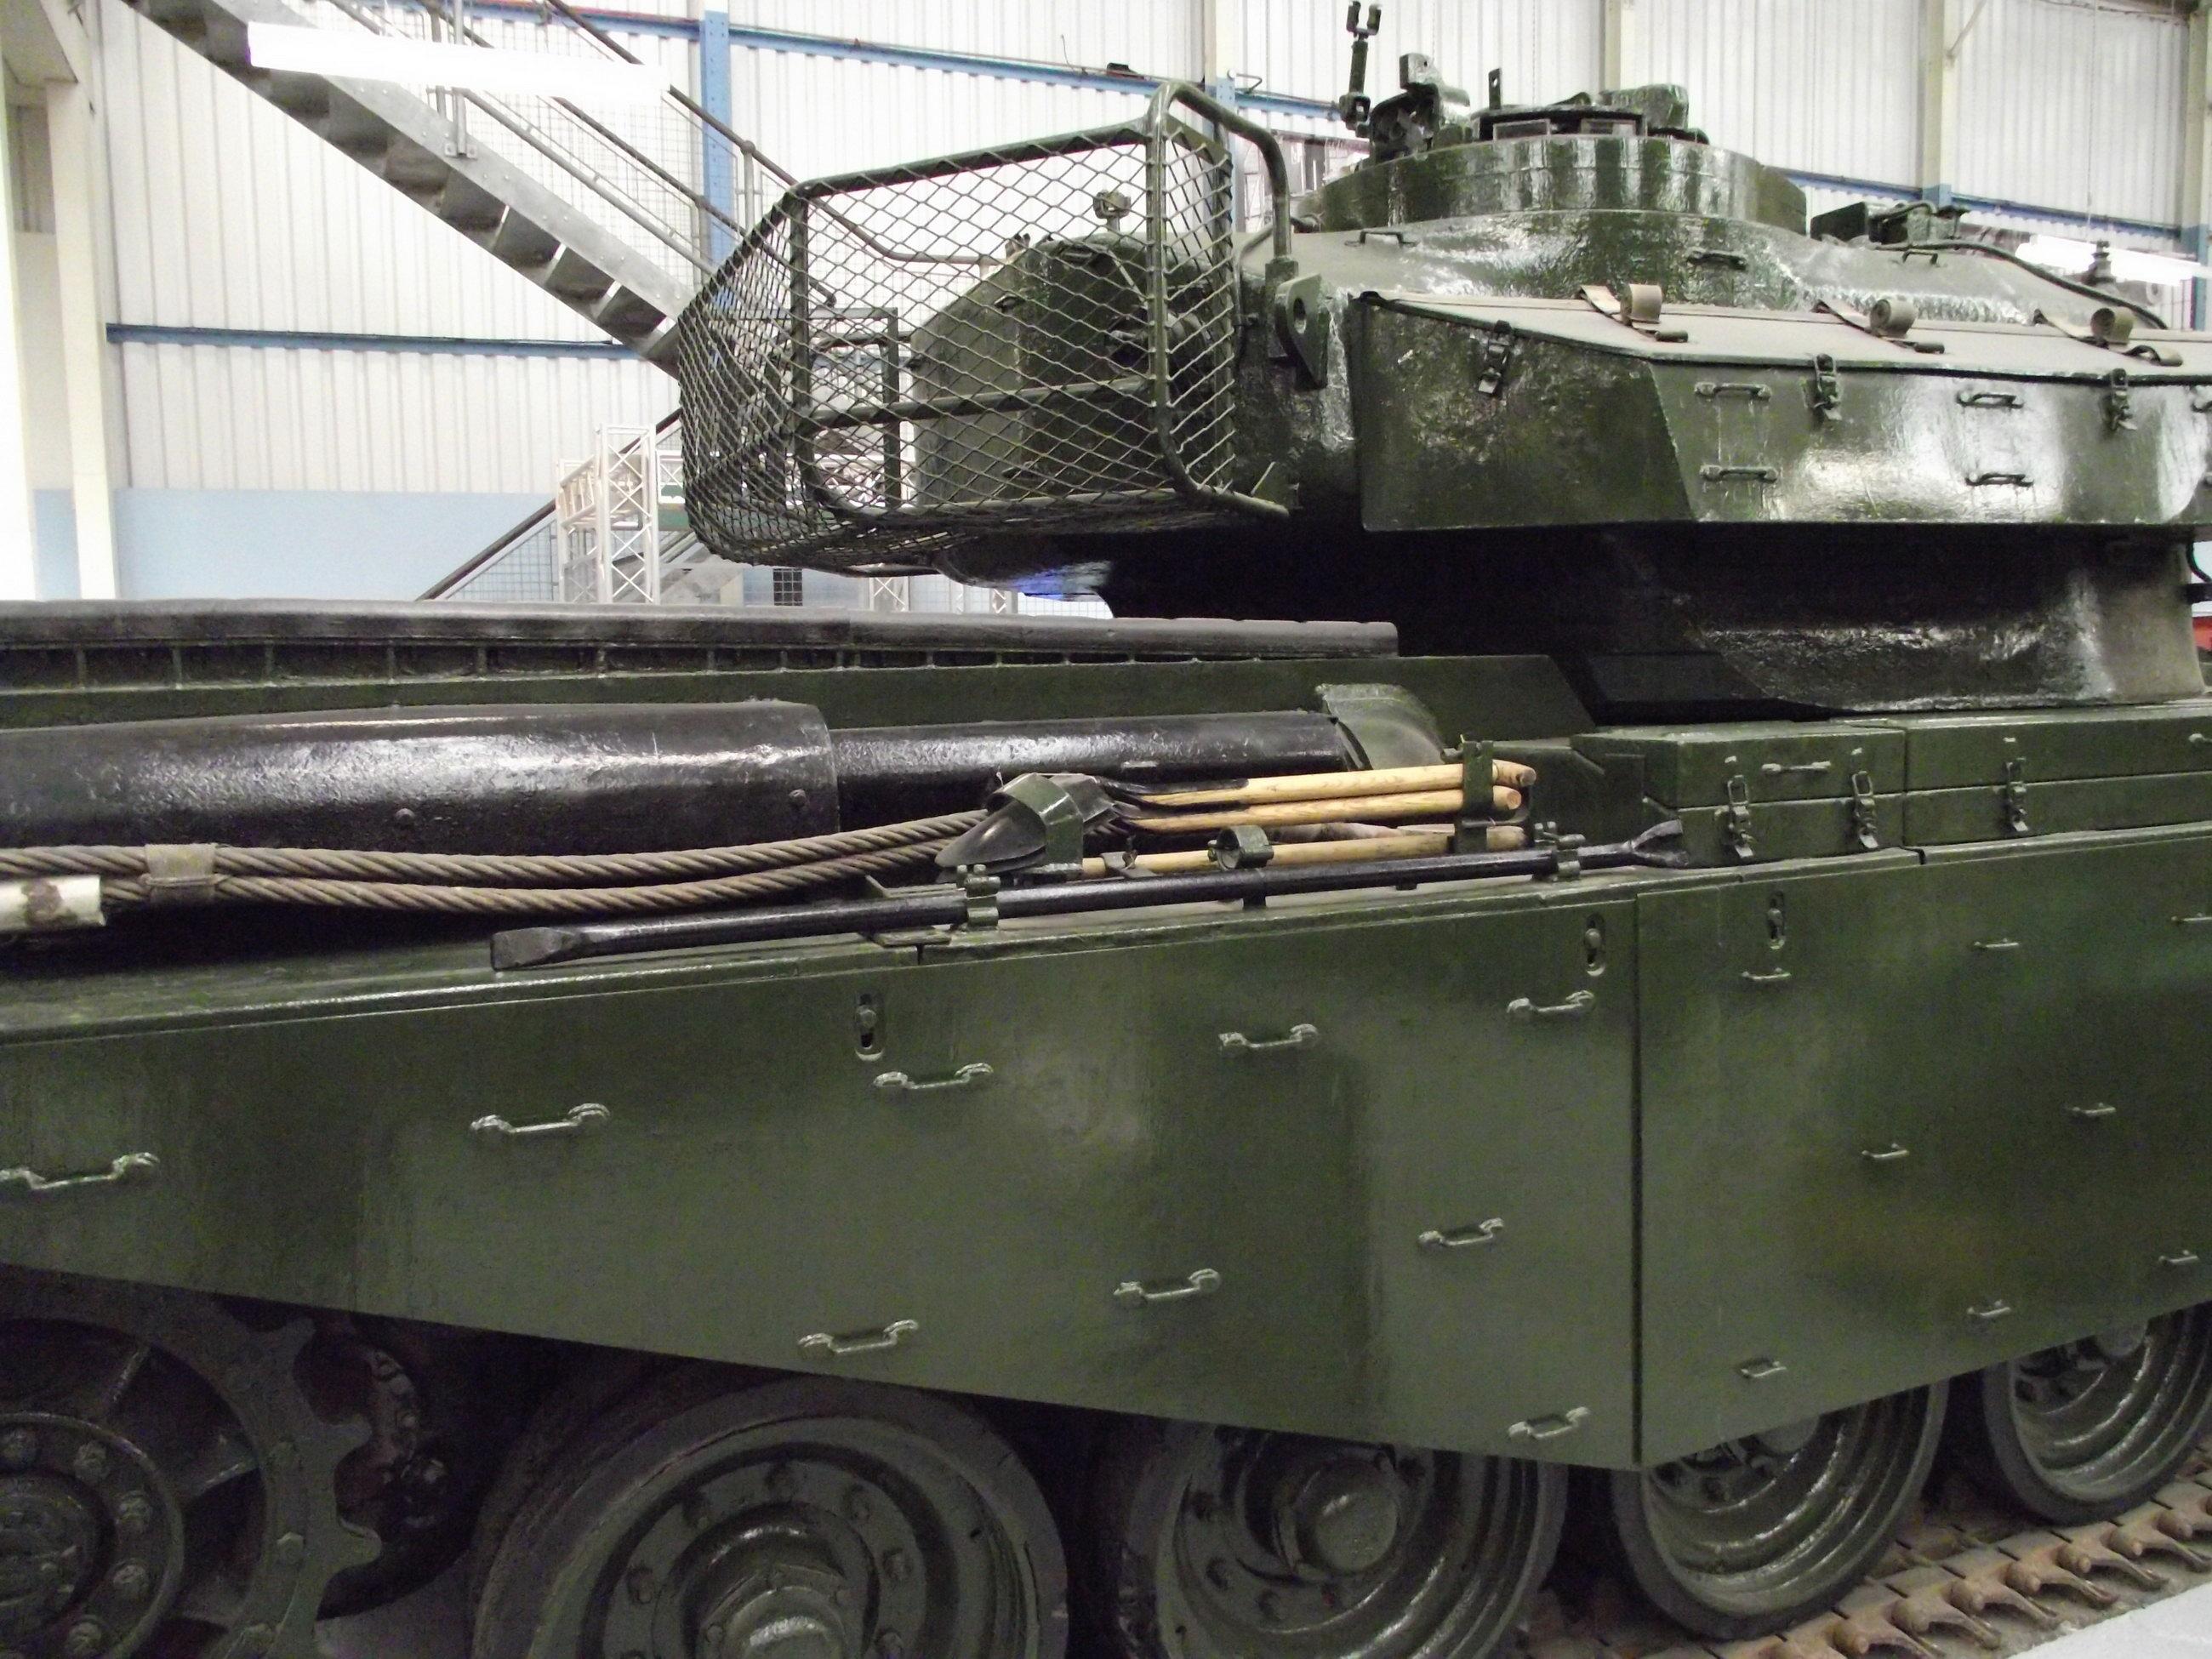 Tank_Museum_20180919_236.jpg